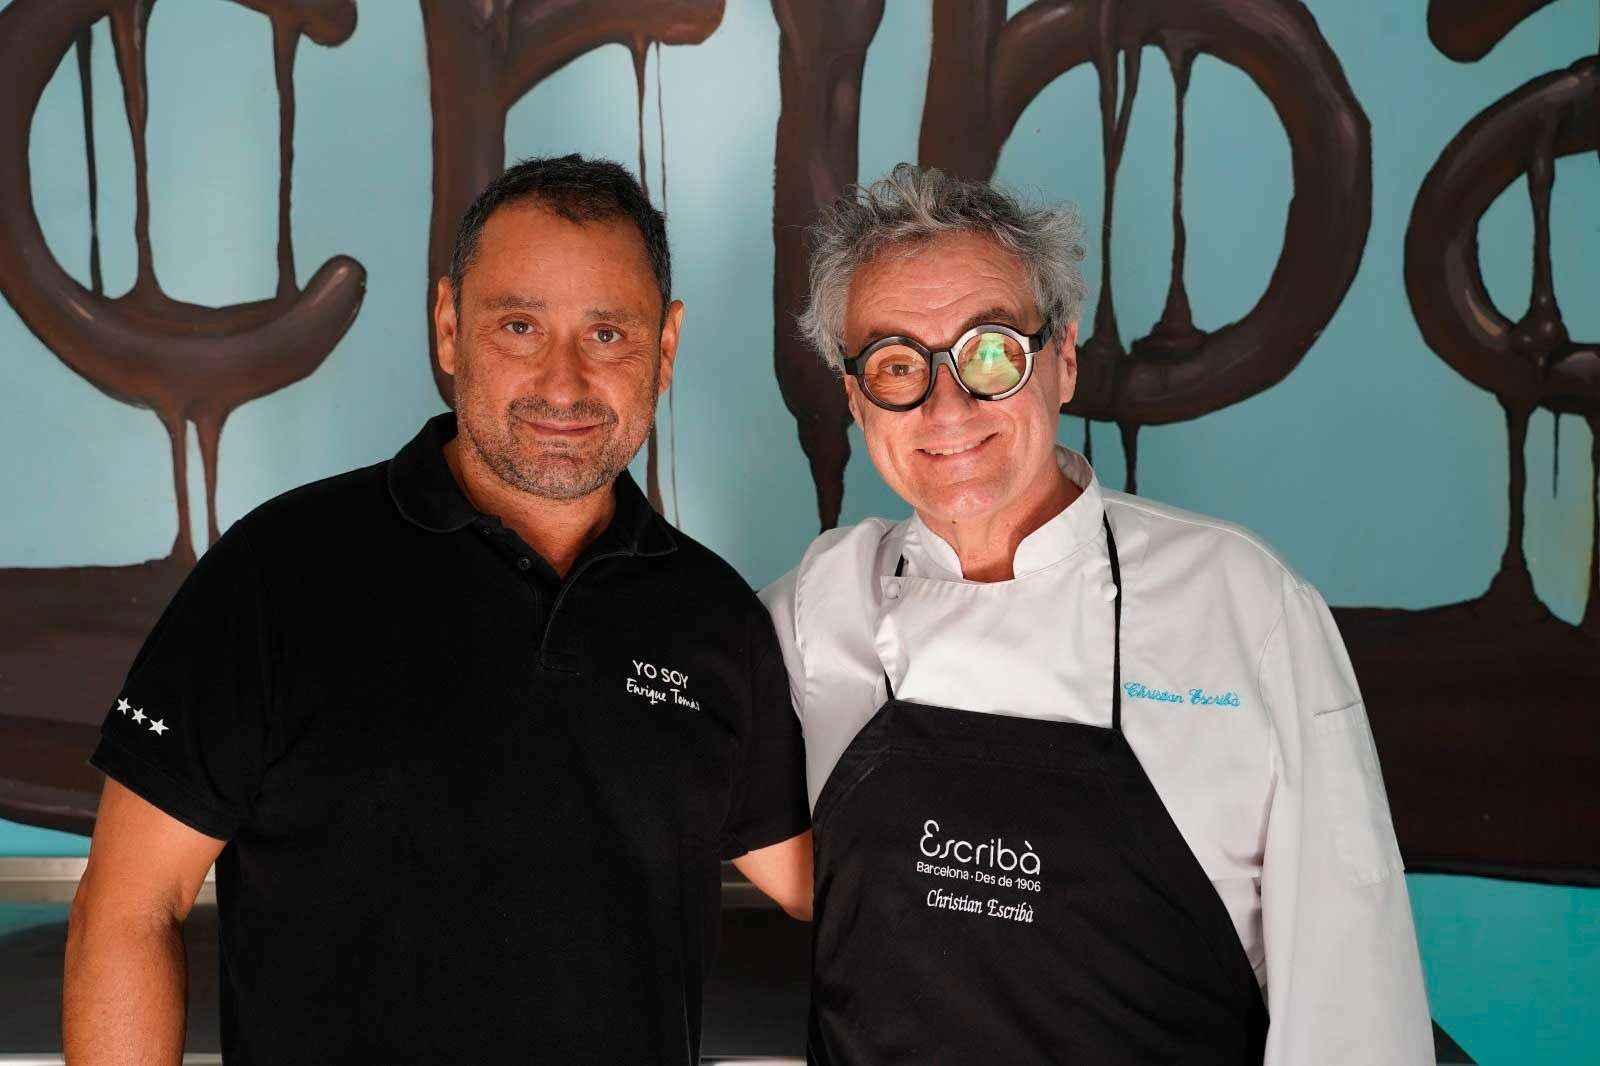 Enrique Tomás y Escribà abren un nuevo concepto de tienda Gourmet en el aeropuerto de Barcelona